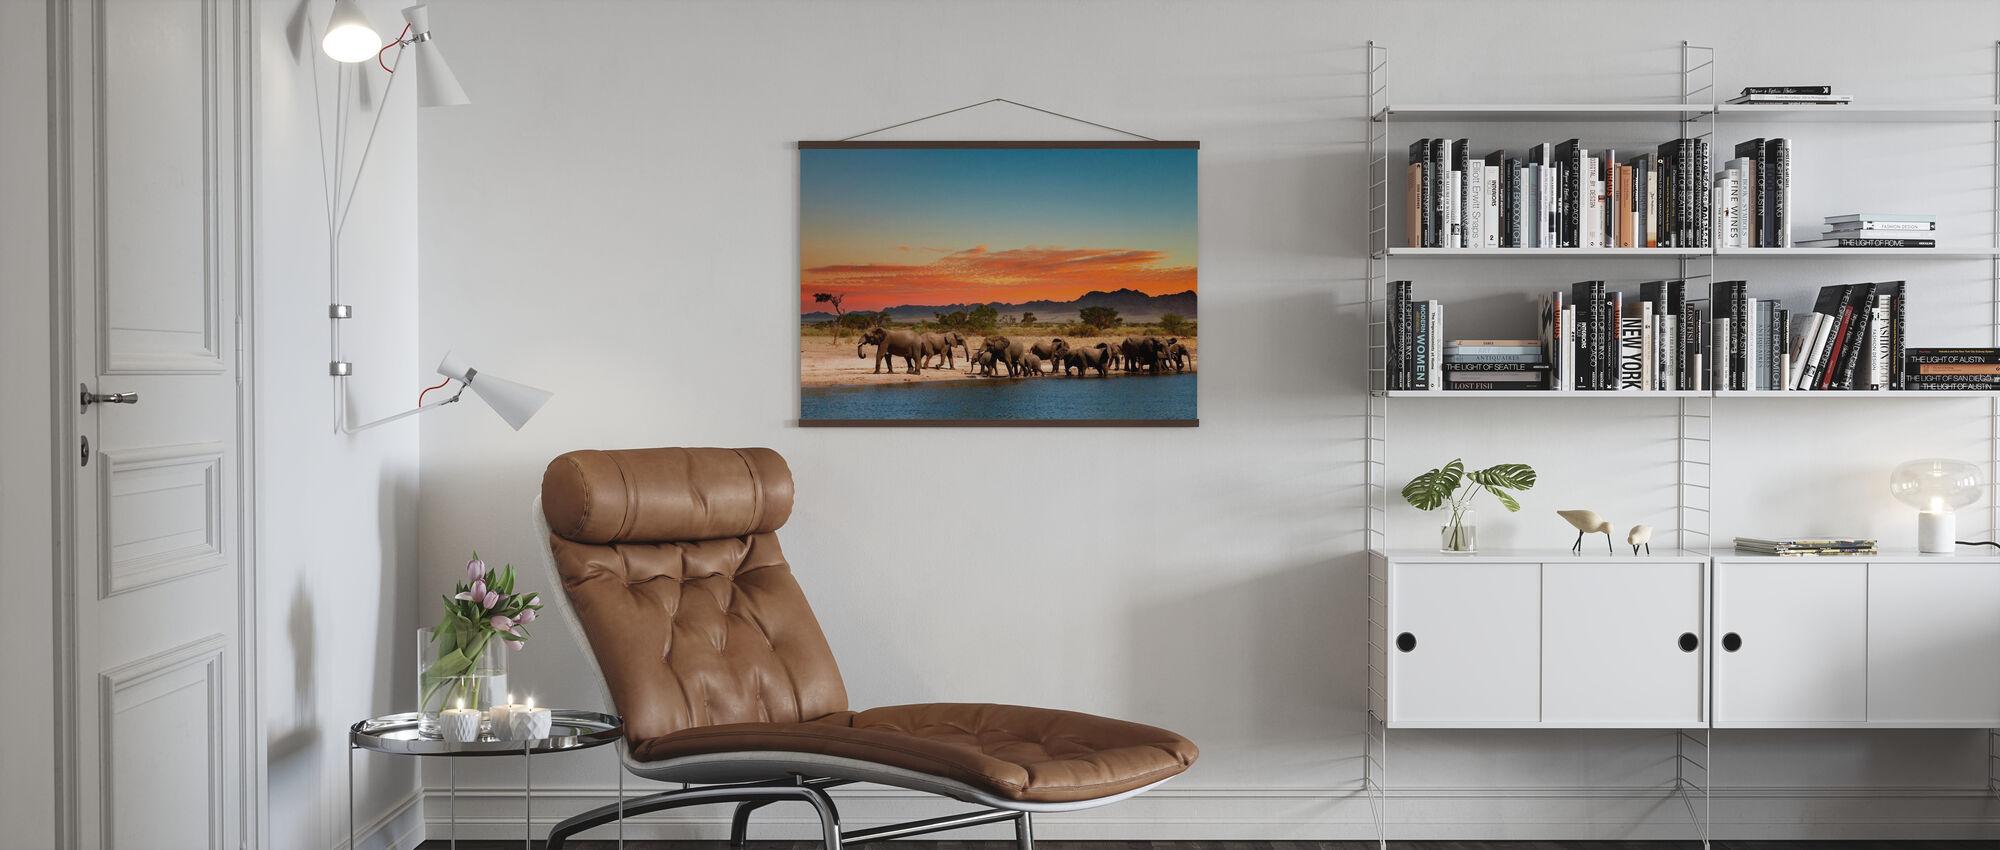 Herd of Elephants - Poster - Living Room